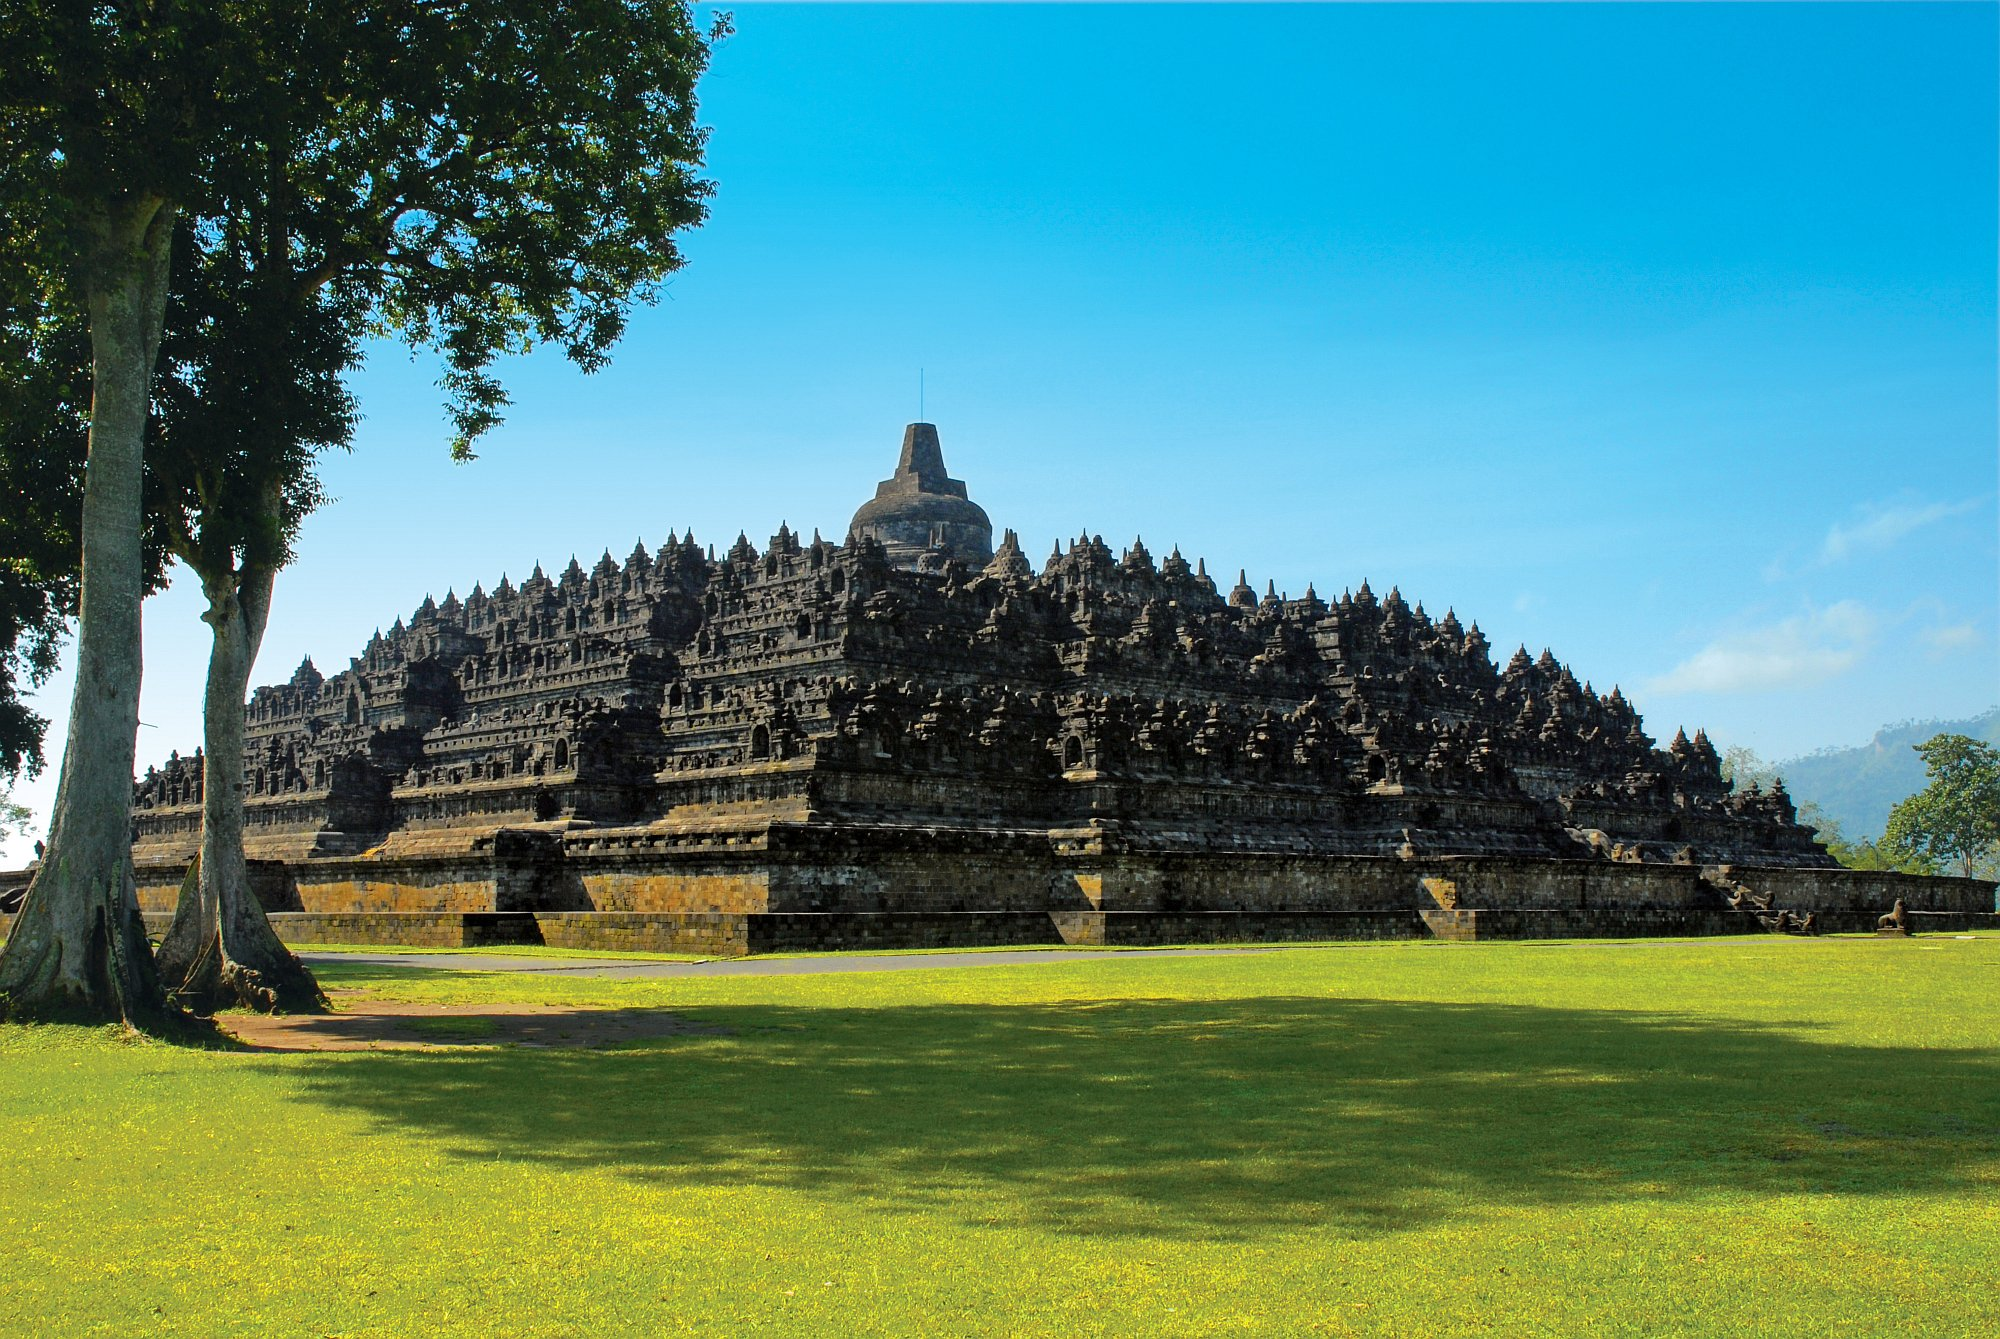 Топ-5 не самых известных, но потрясающих мест в Индонезии